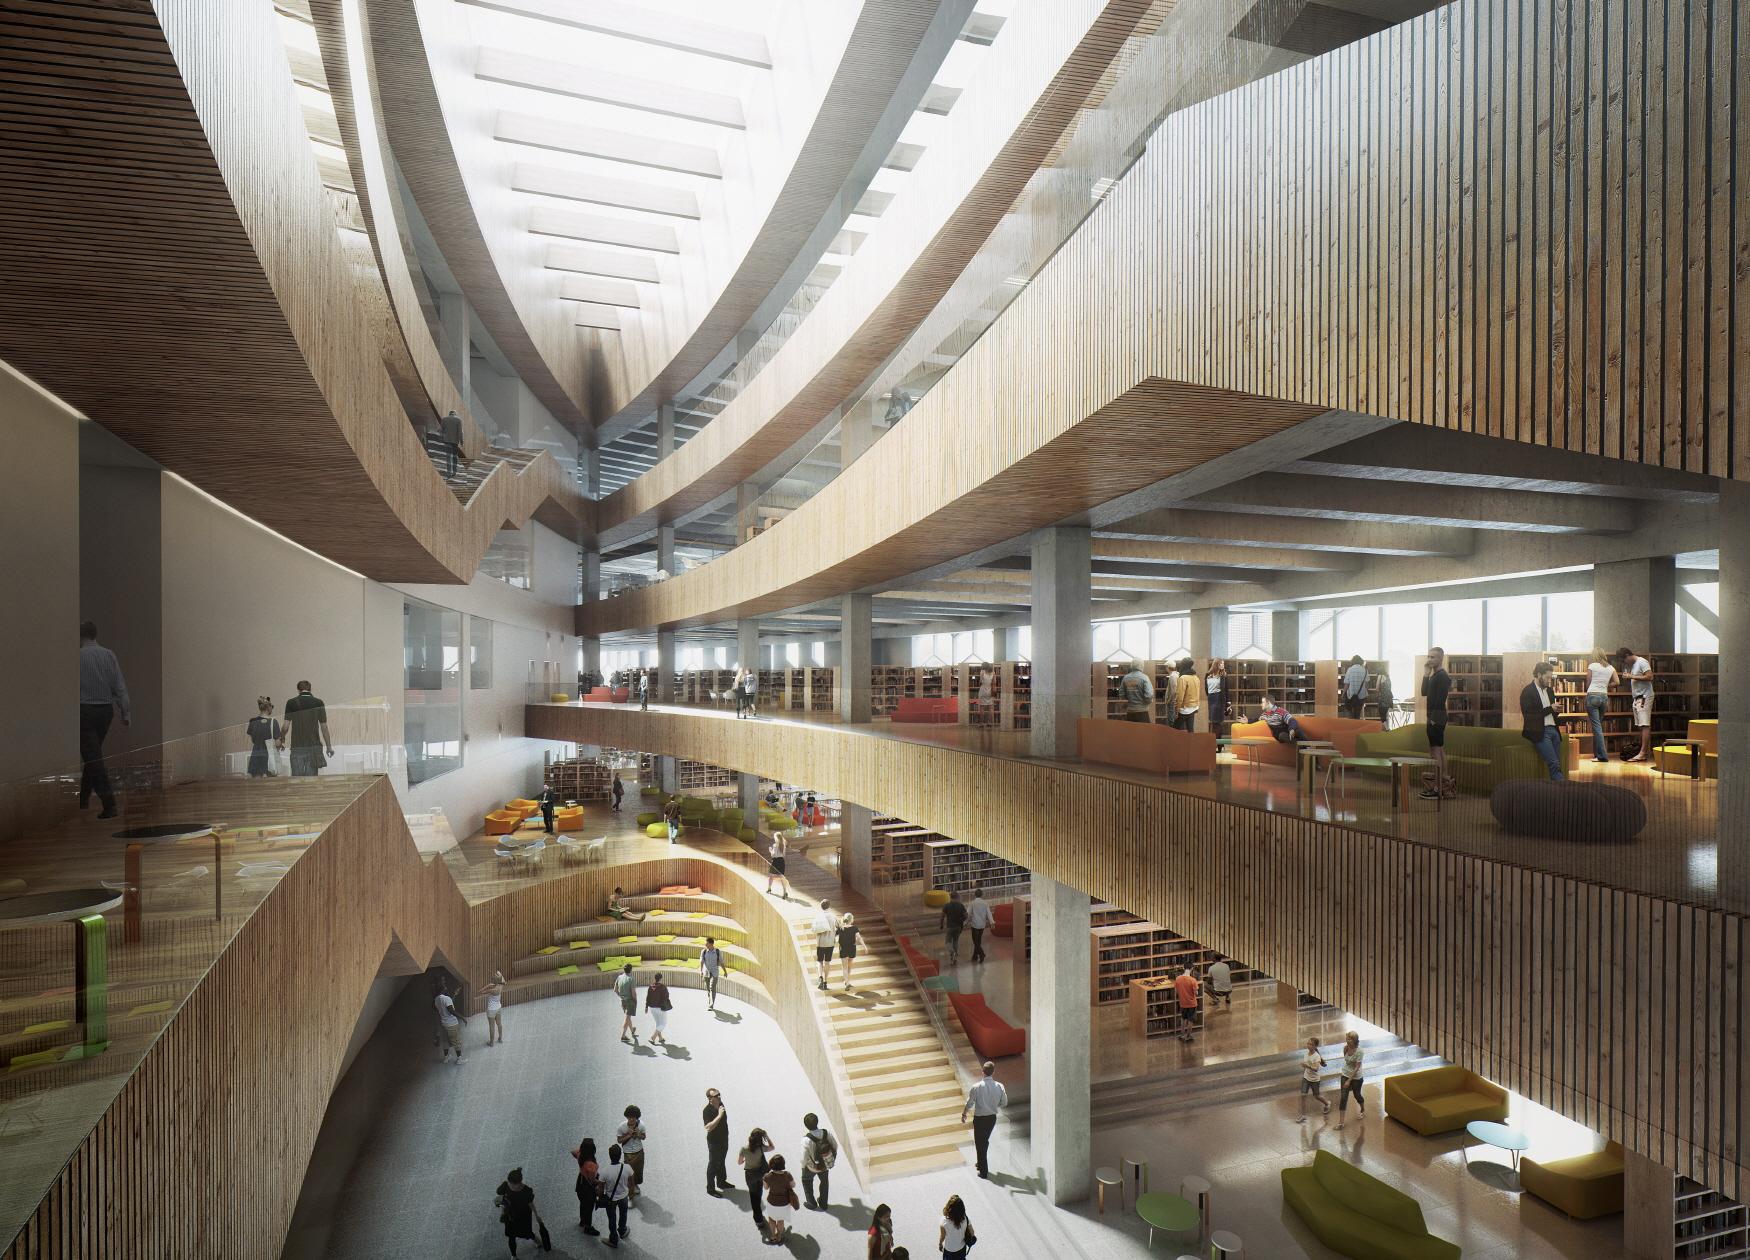 〔안정원의 건축 칼럼〕 건물 아래에 경전철을 품고 있는 도서관 2